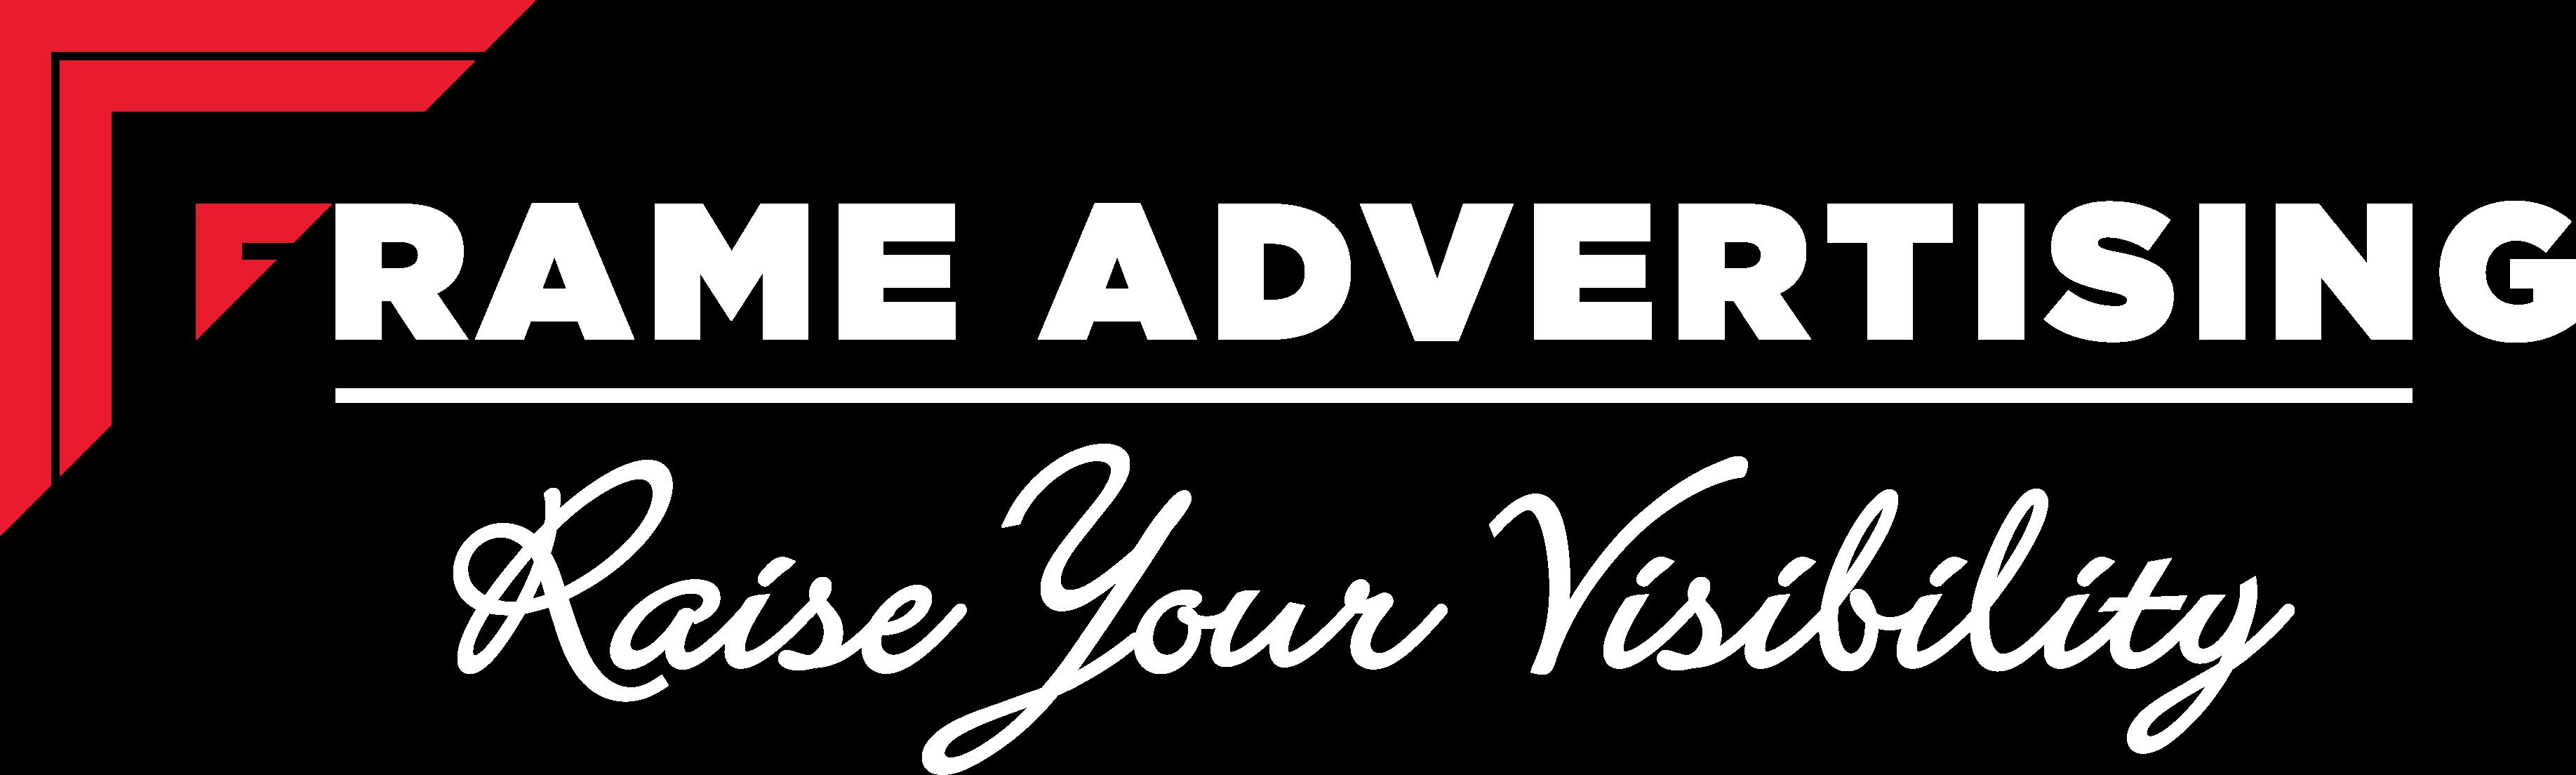 Frame Advertising